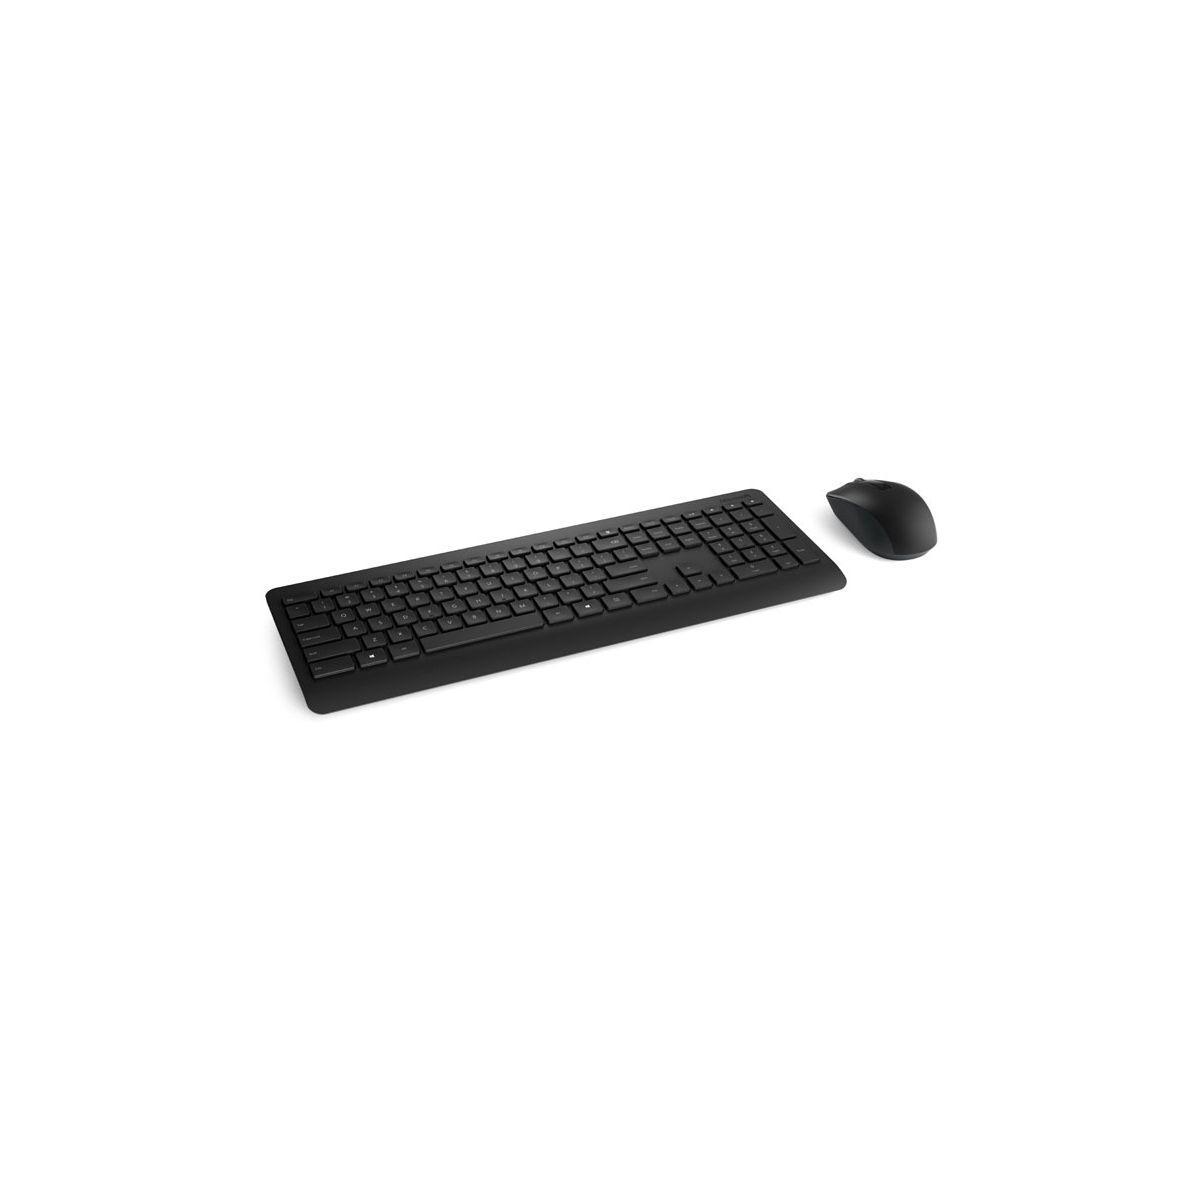 Clavier + souris microsoft desktop 900 sans fil - livraison of...